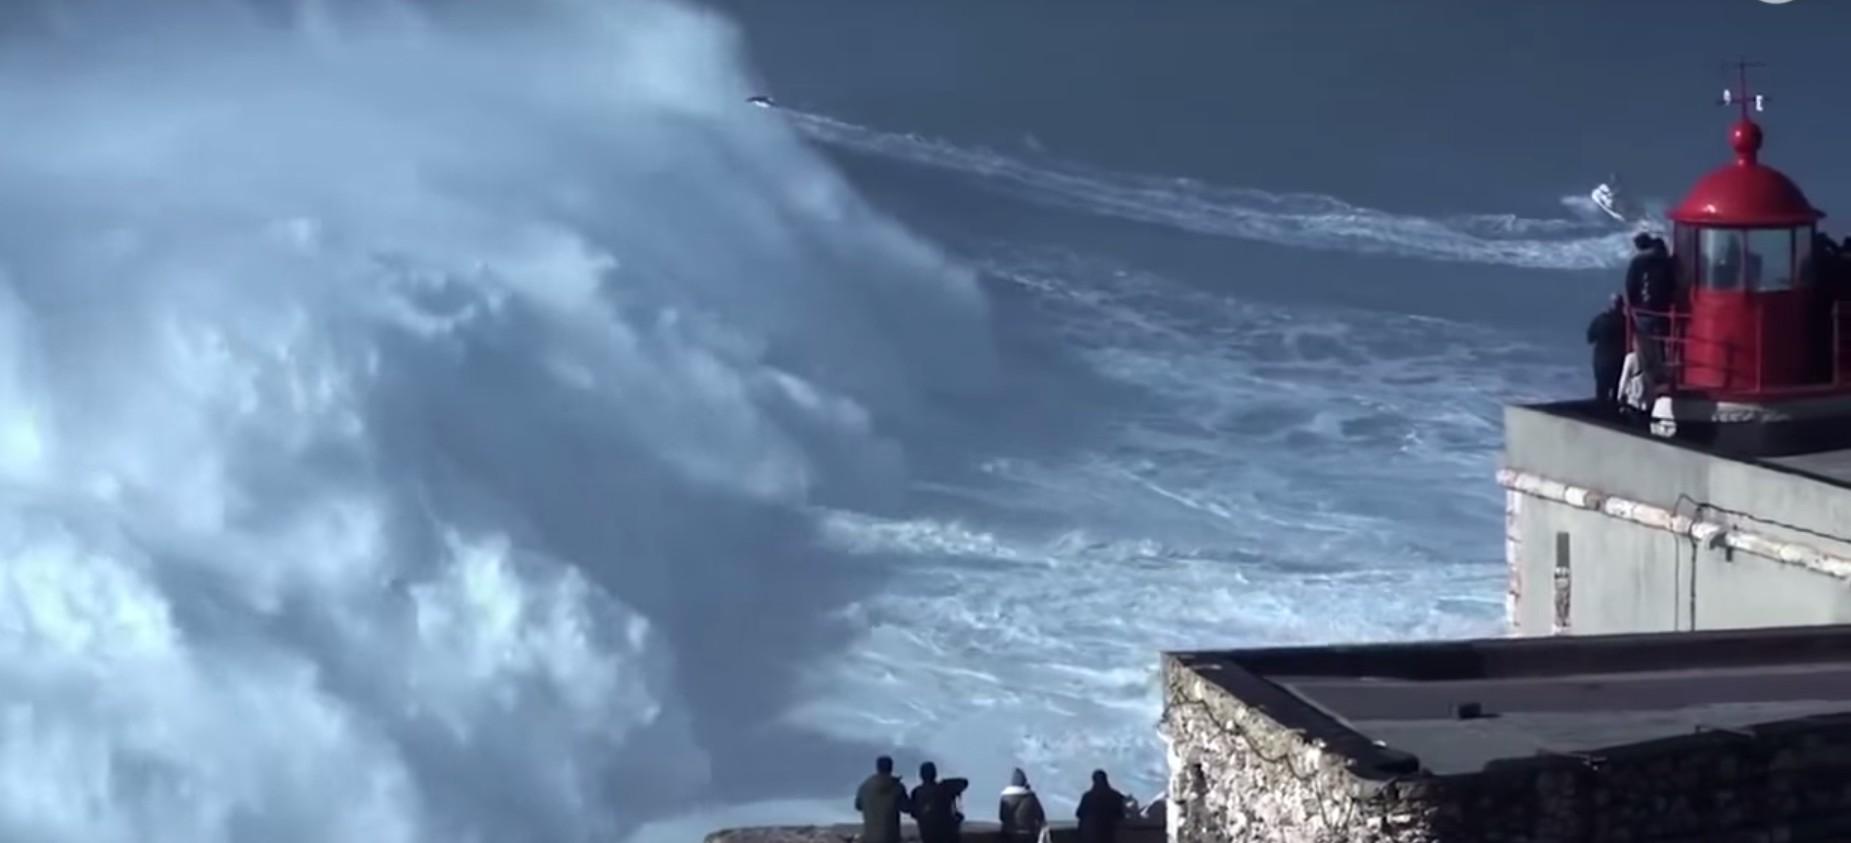 VIDEO: Vlna vysoká jako rozhledna. Surfař pokořil světový rekord